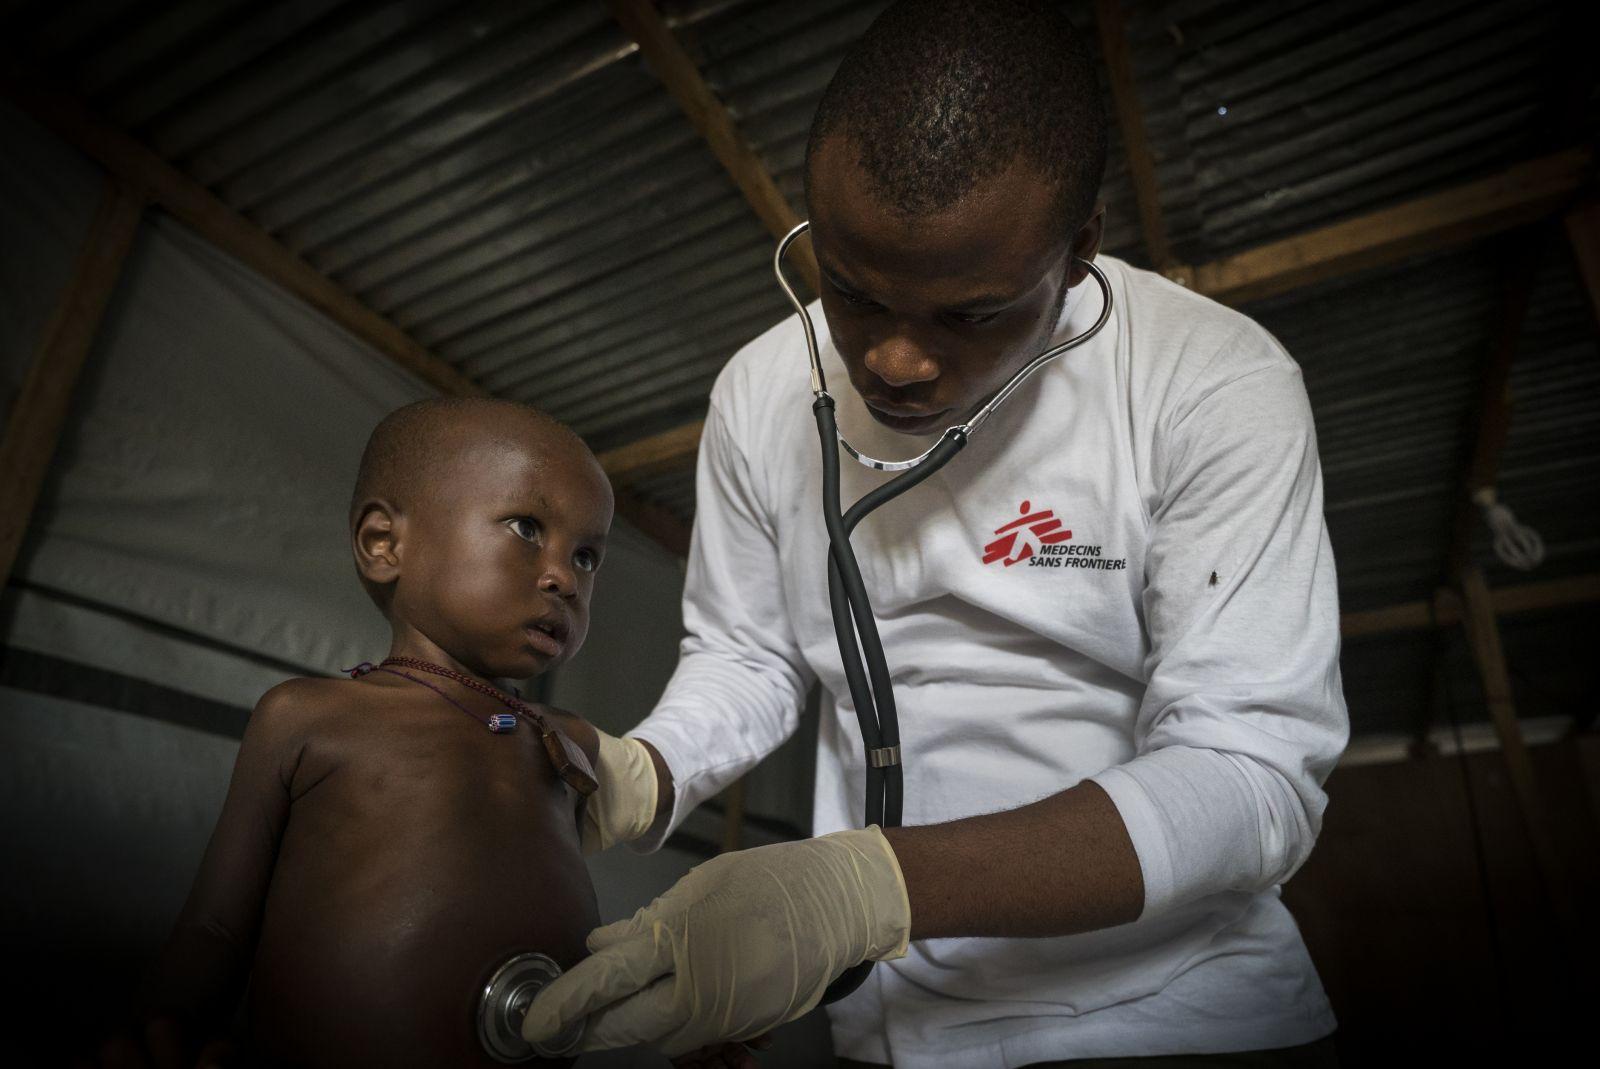 Ny viden kan hjælpe til at bekæmpe underernæring